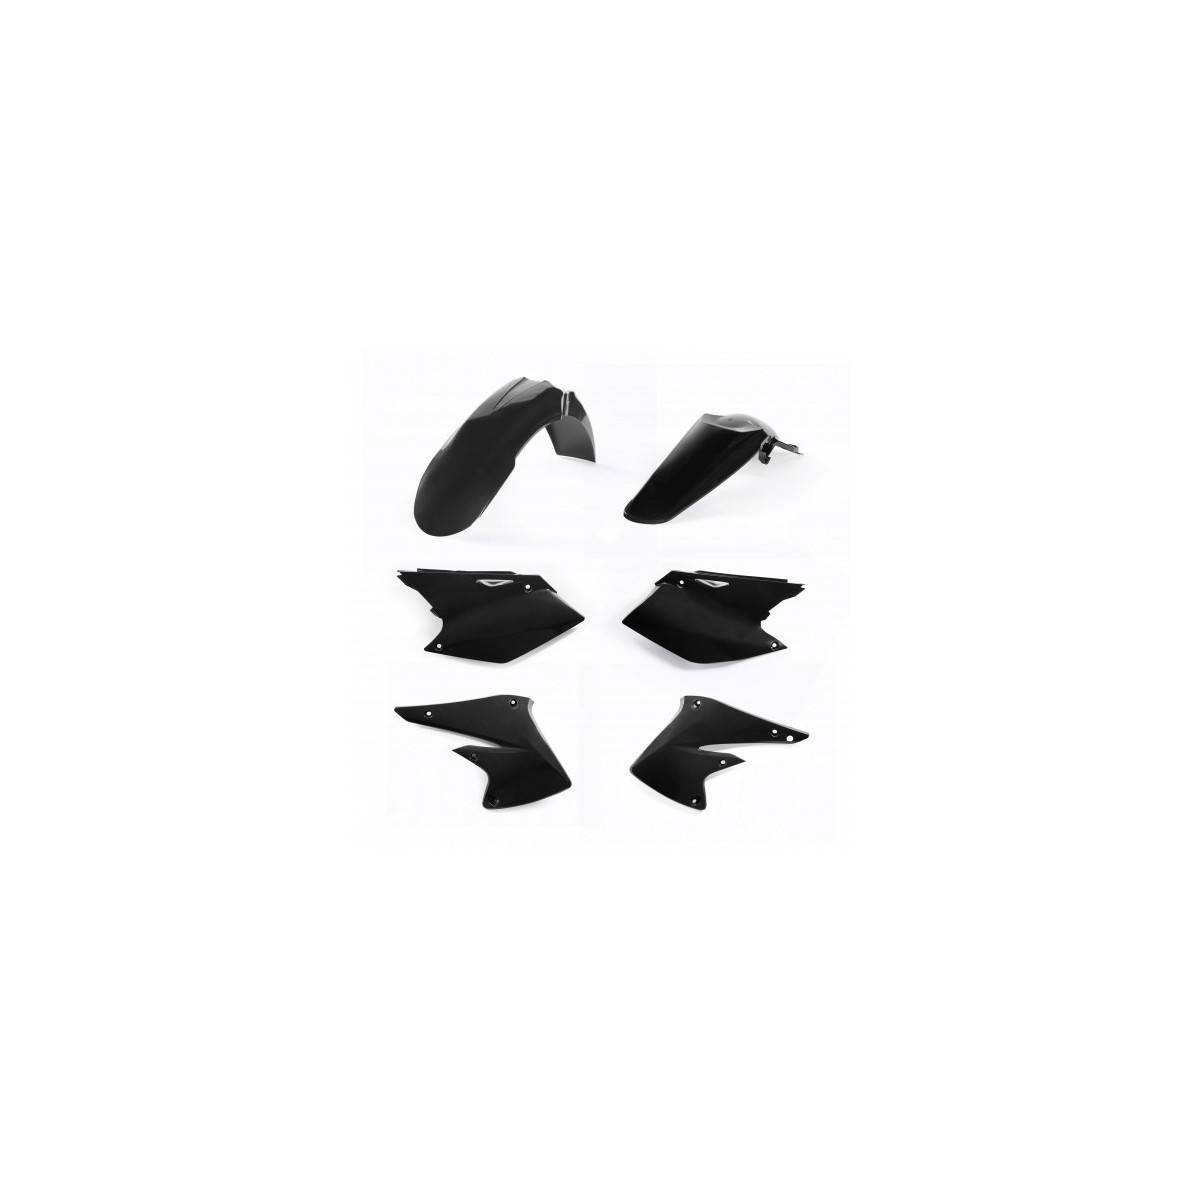 0008128-090 - Kit Plasticos Acerbis Crf 450 05 06 Negro